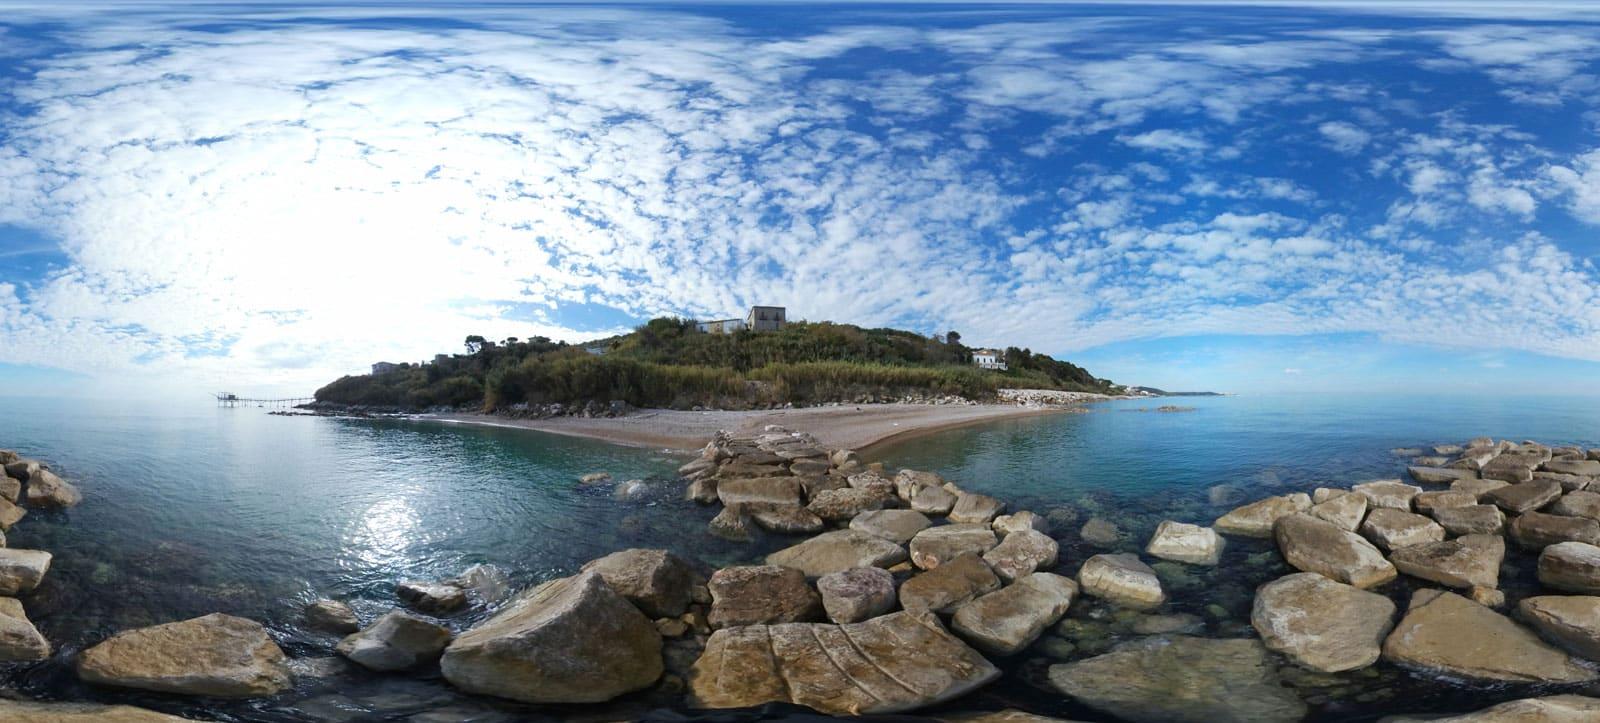 Spiaggia Turchino